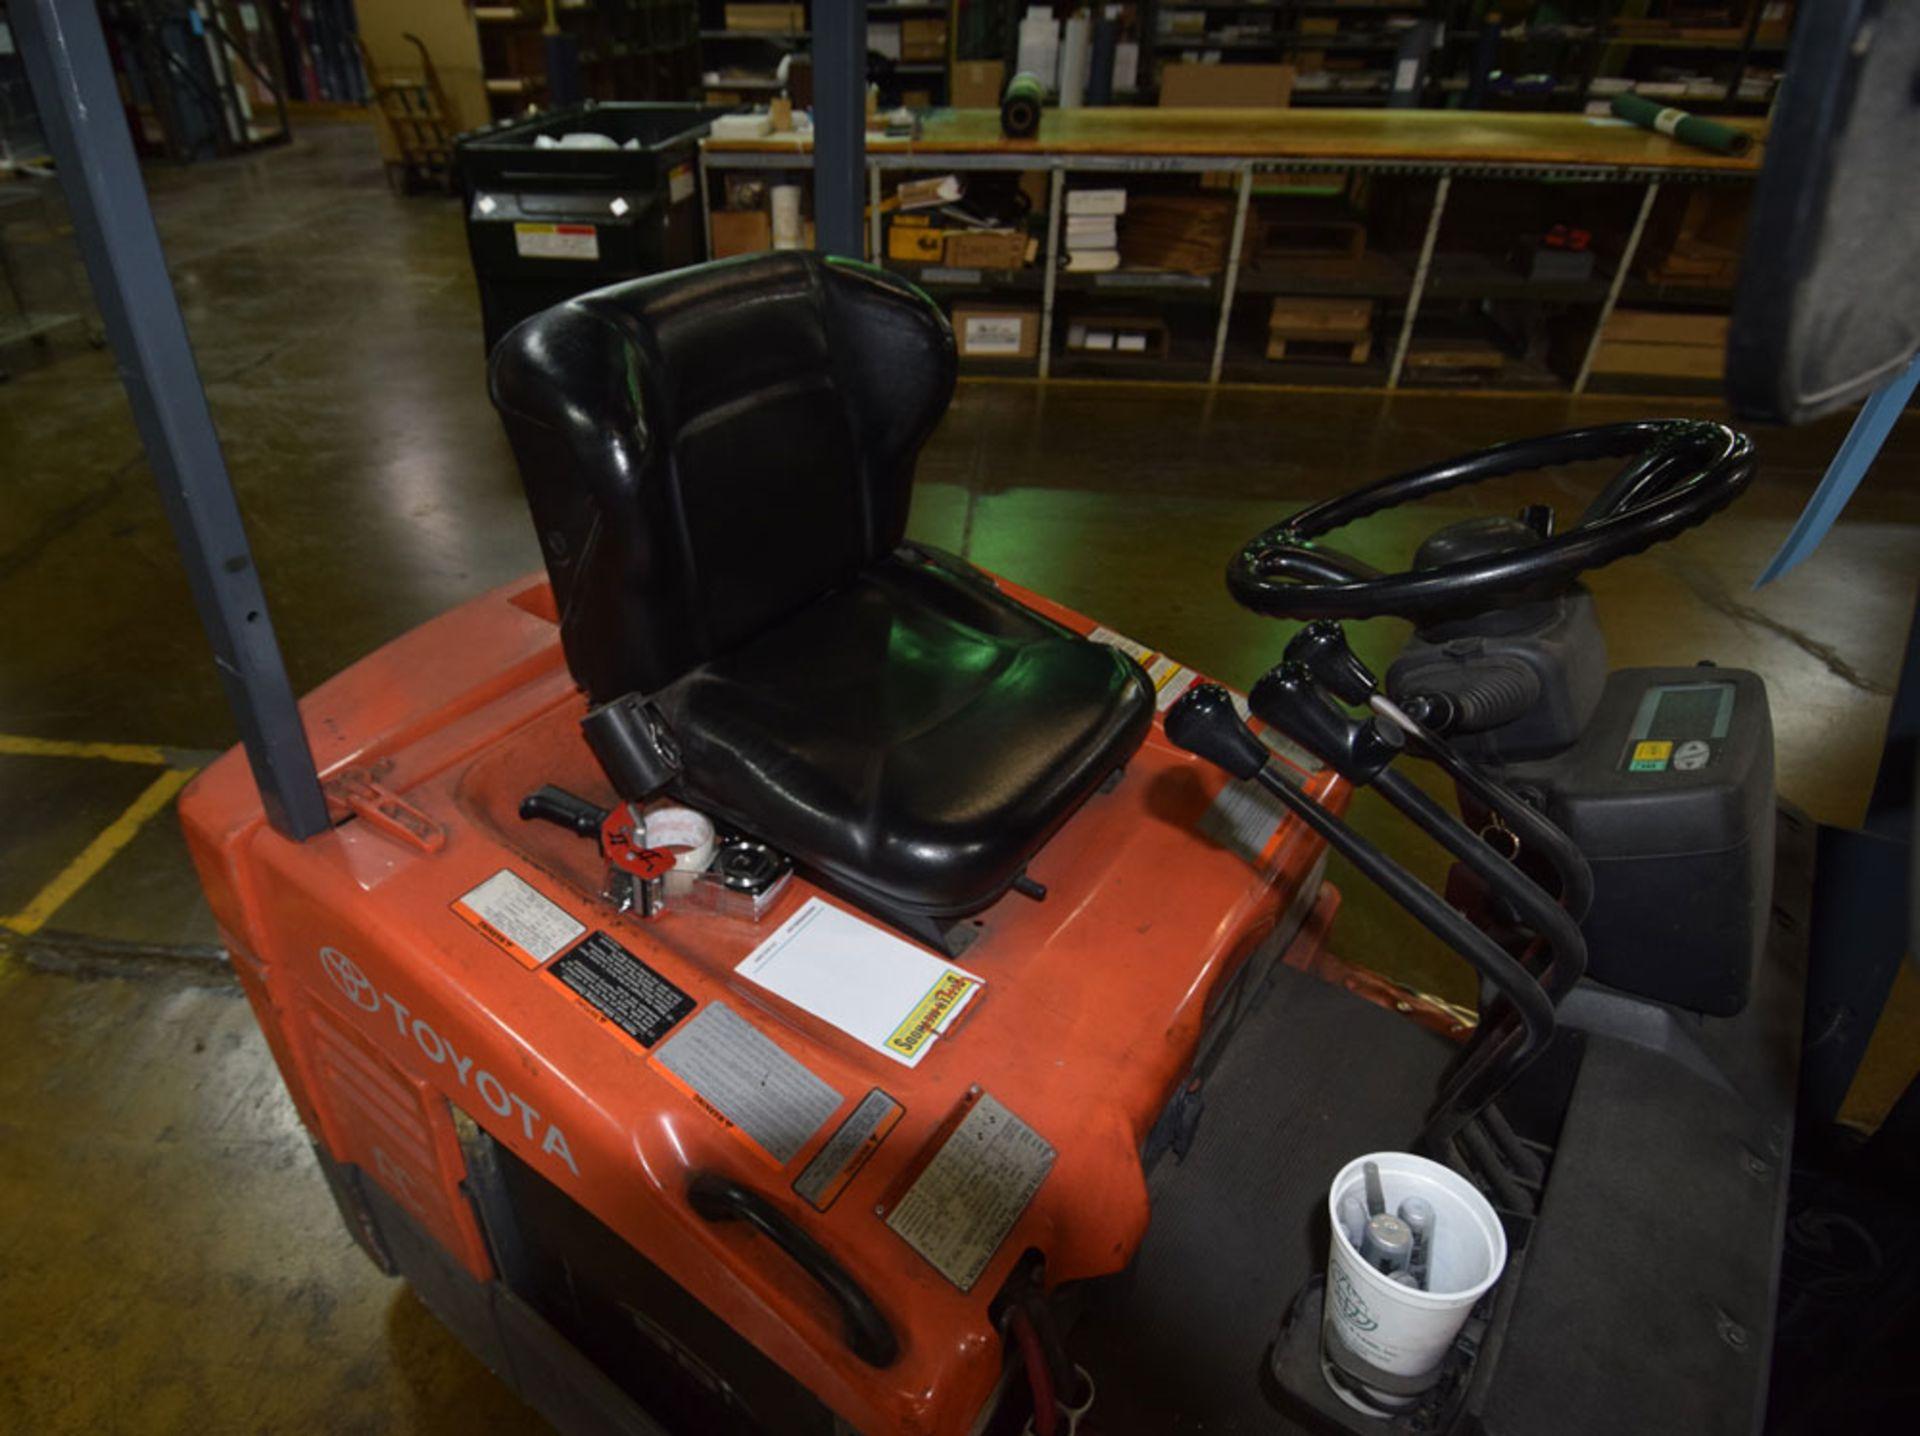 Forklift - Image 7 of 8